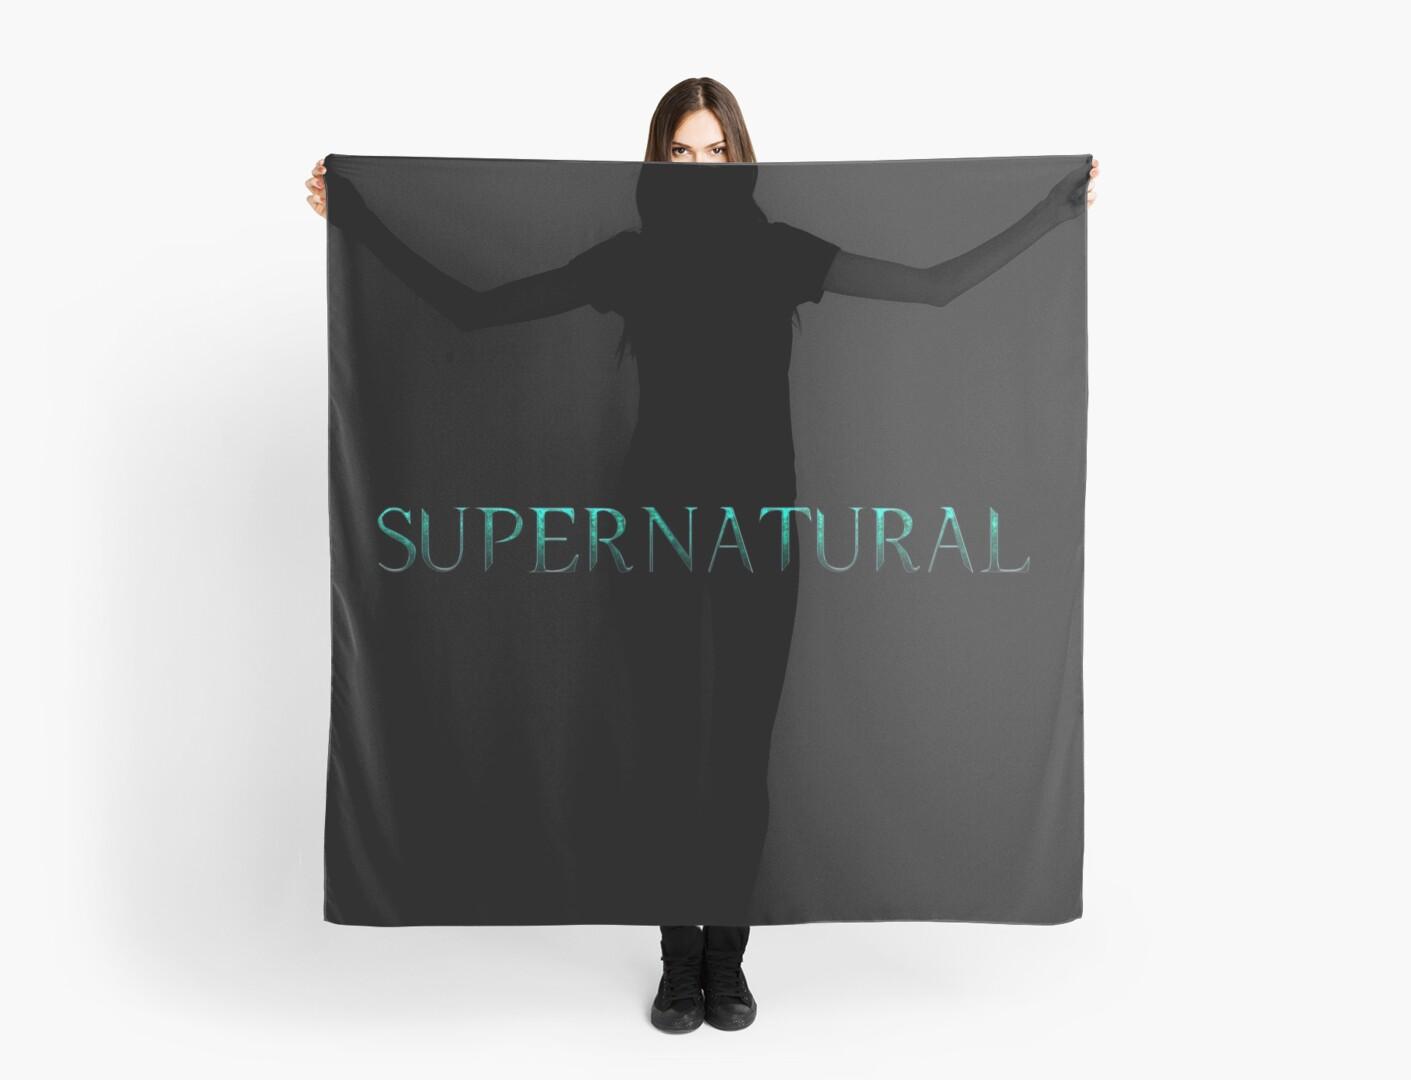 Supernatural by ruledbycrowley